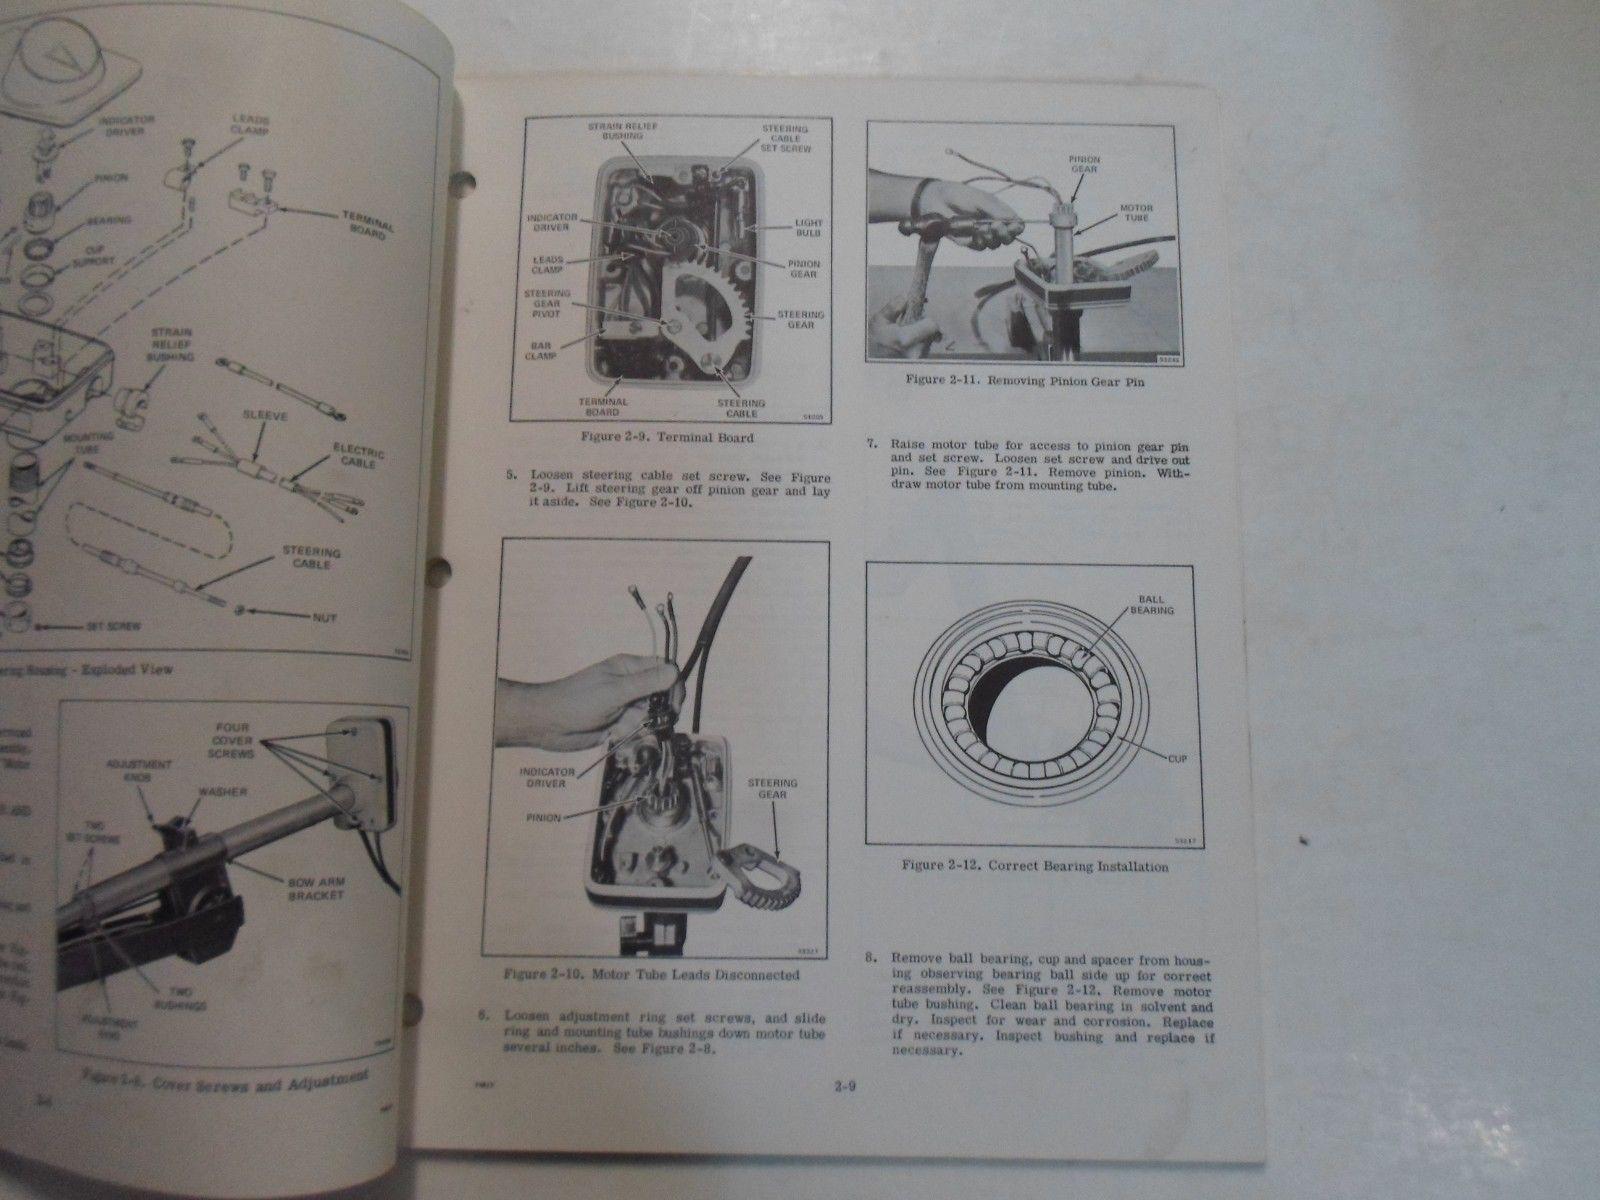 1977 Evinrude Service Shop Repair Manual Electric EB 52 54 82 84 OEM Boat WORN image 11